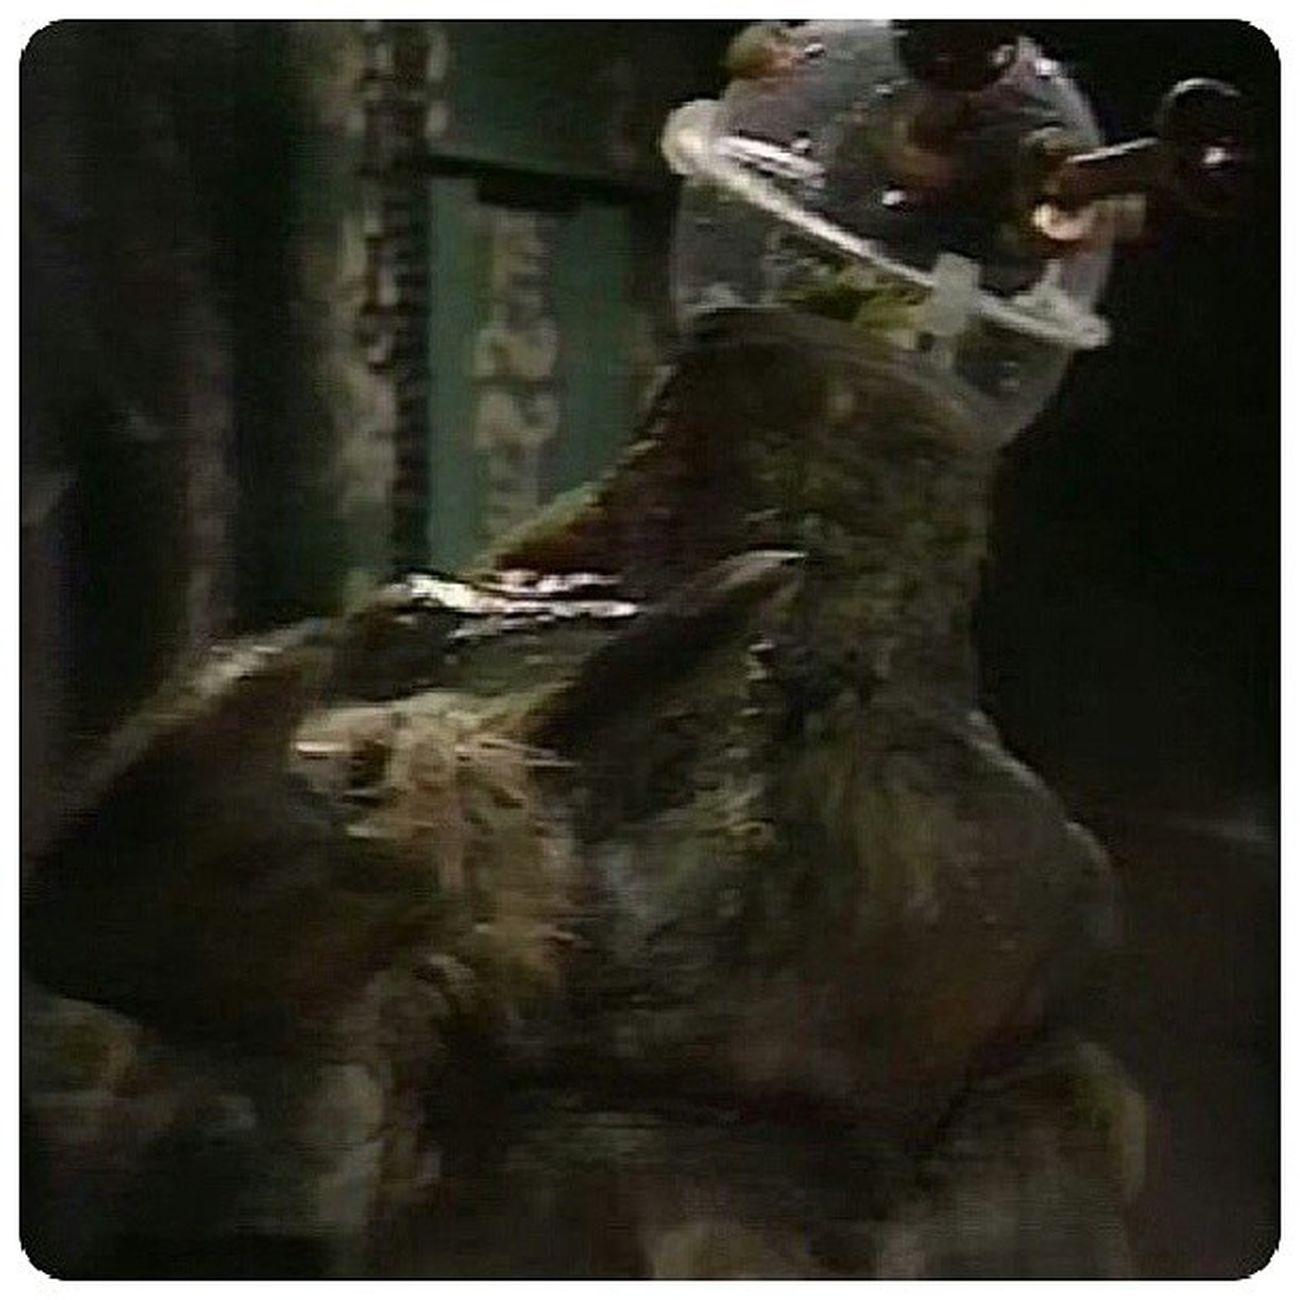 Le grand Morbius ou plutôt ce qu'il en reste... TheBrainOfMorbius DoctorWhoClassic